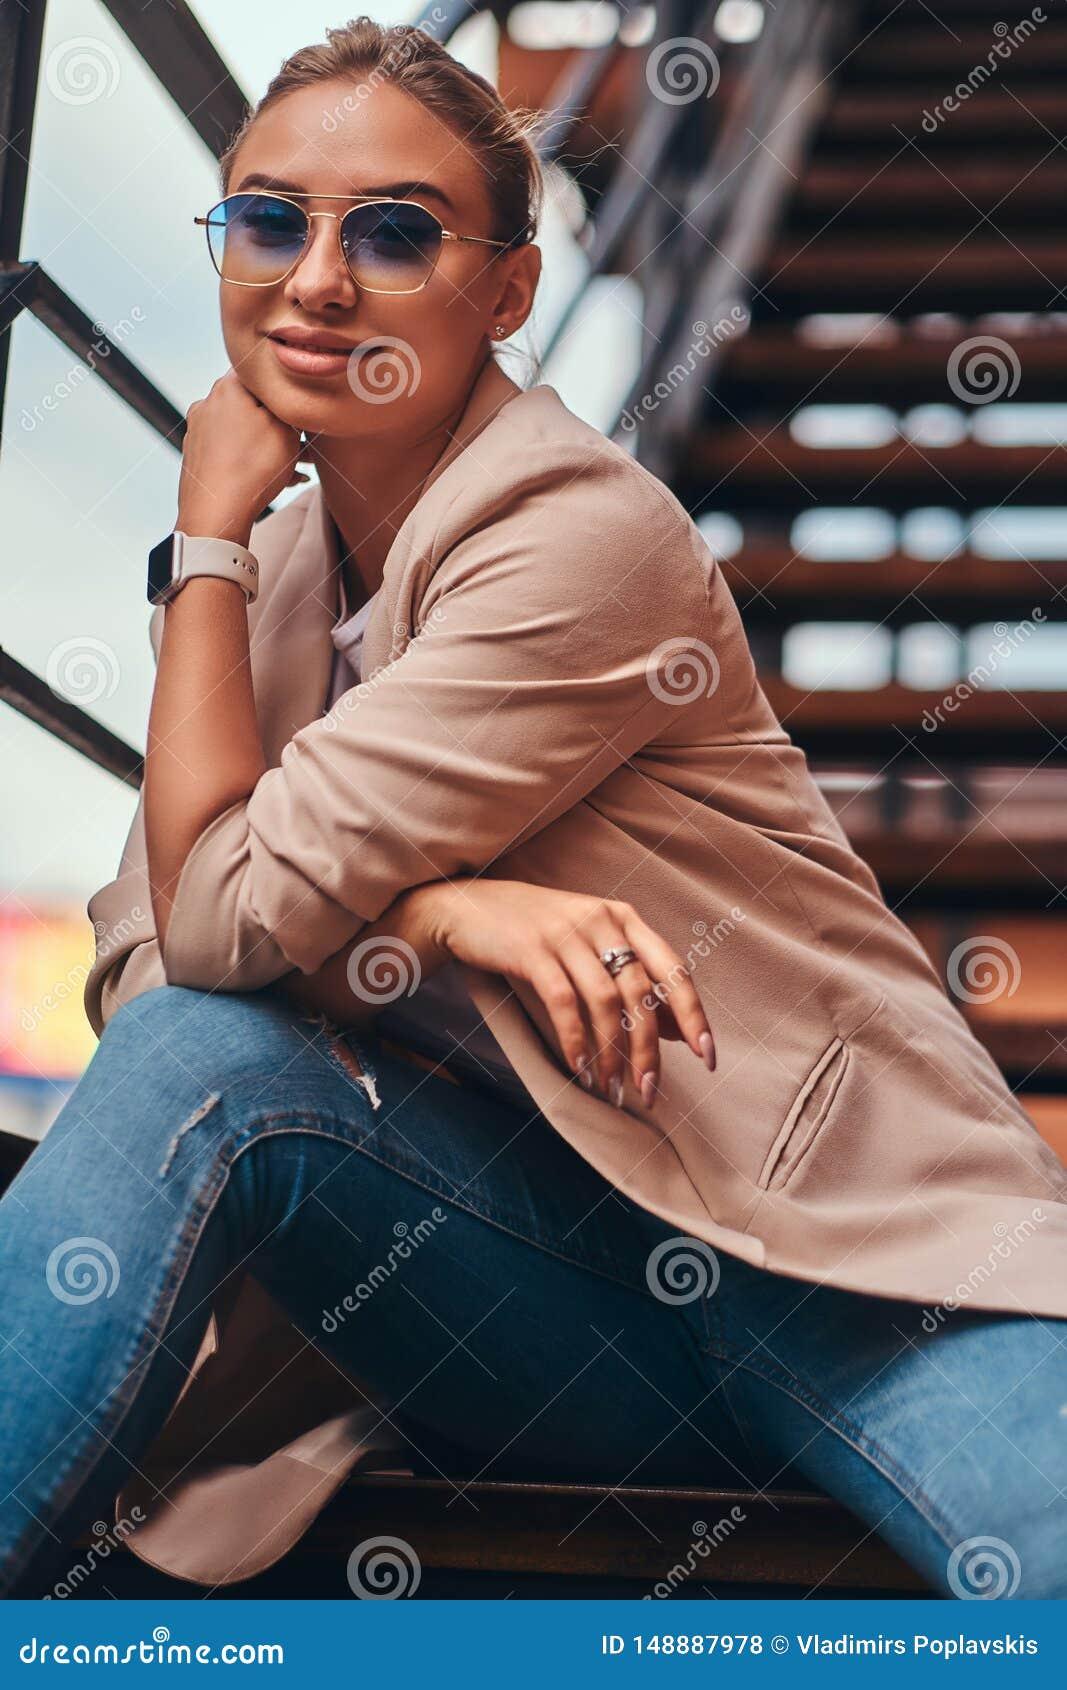 Portr?t der sch?nen zuf?lligen attraktiven Frau auf Stahltreppe am Hinterhof